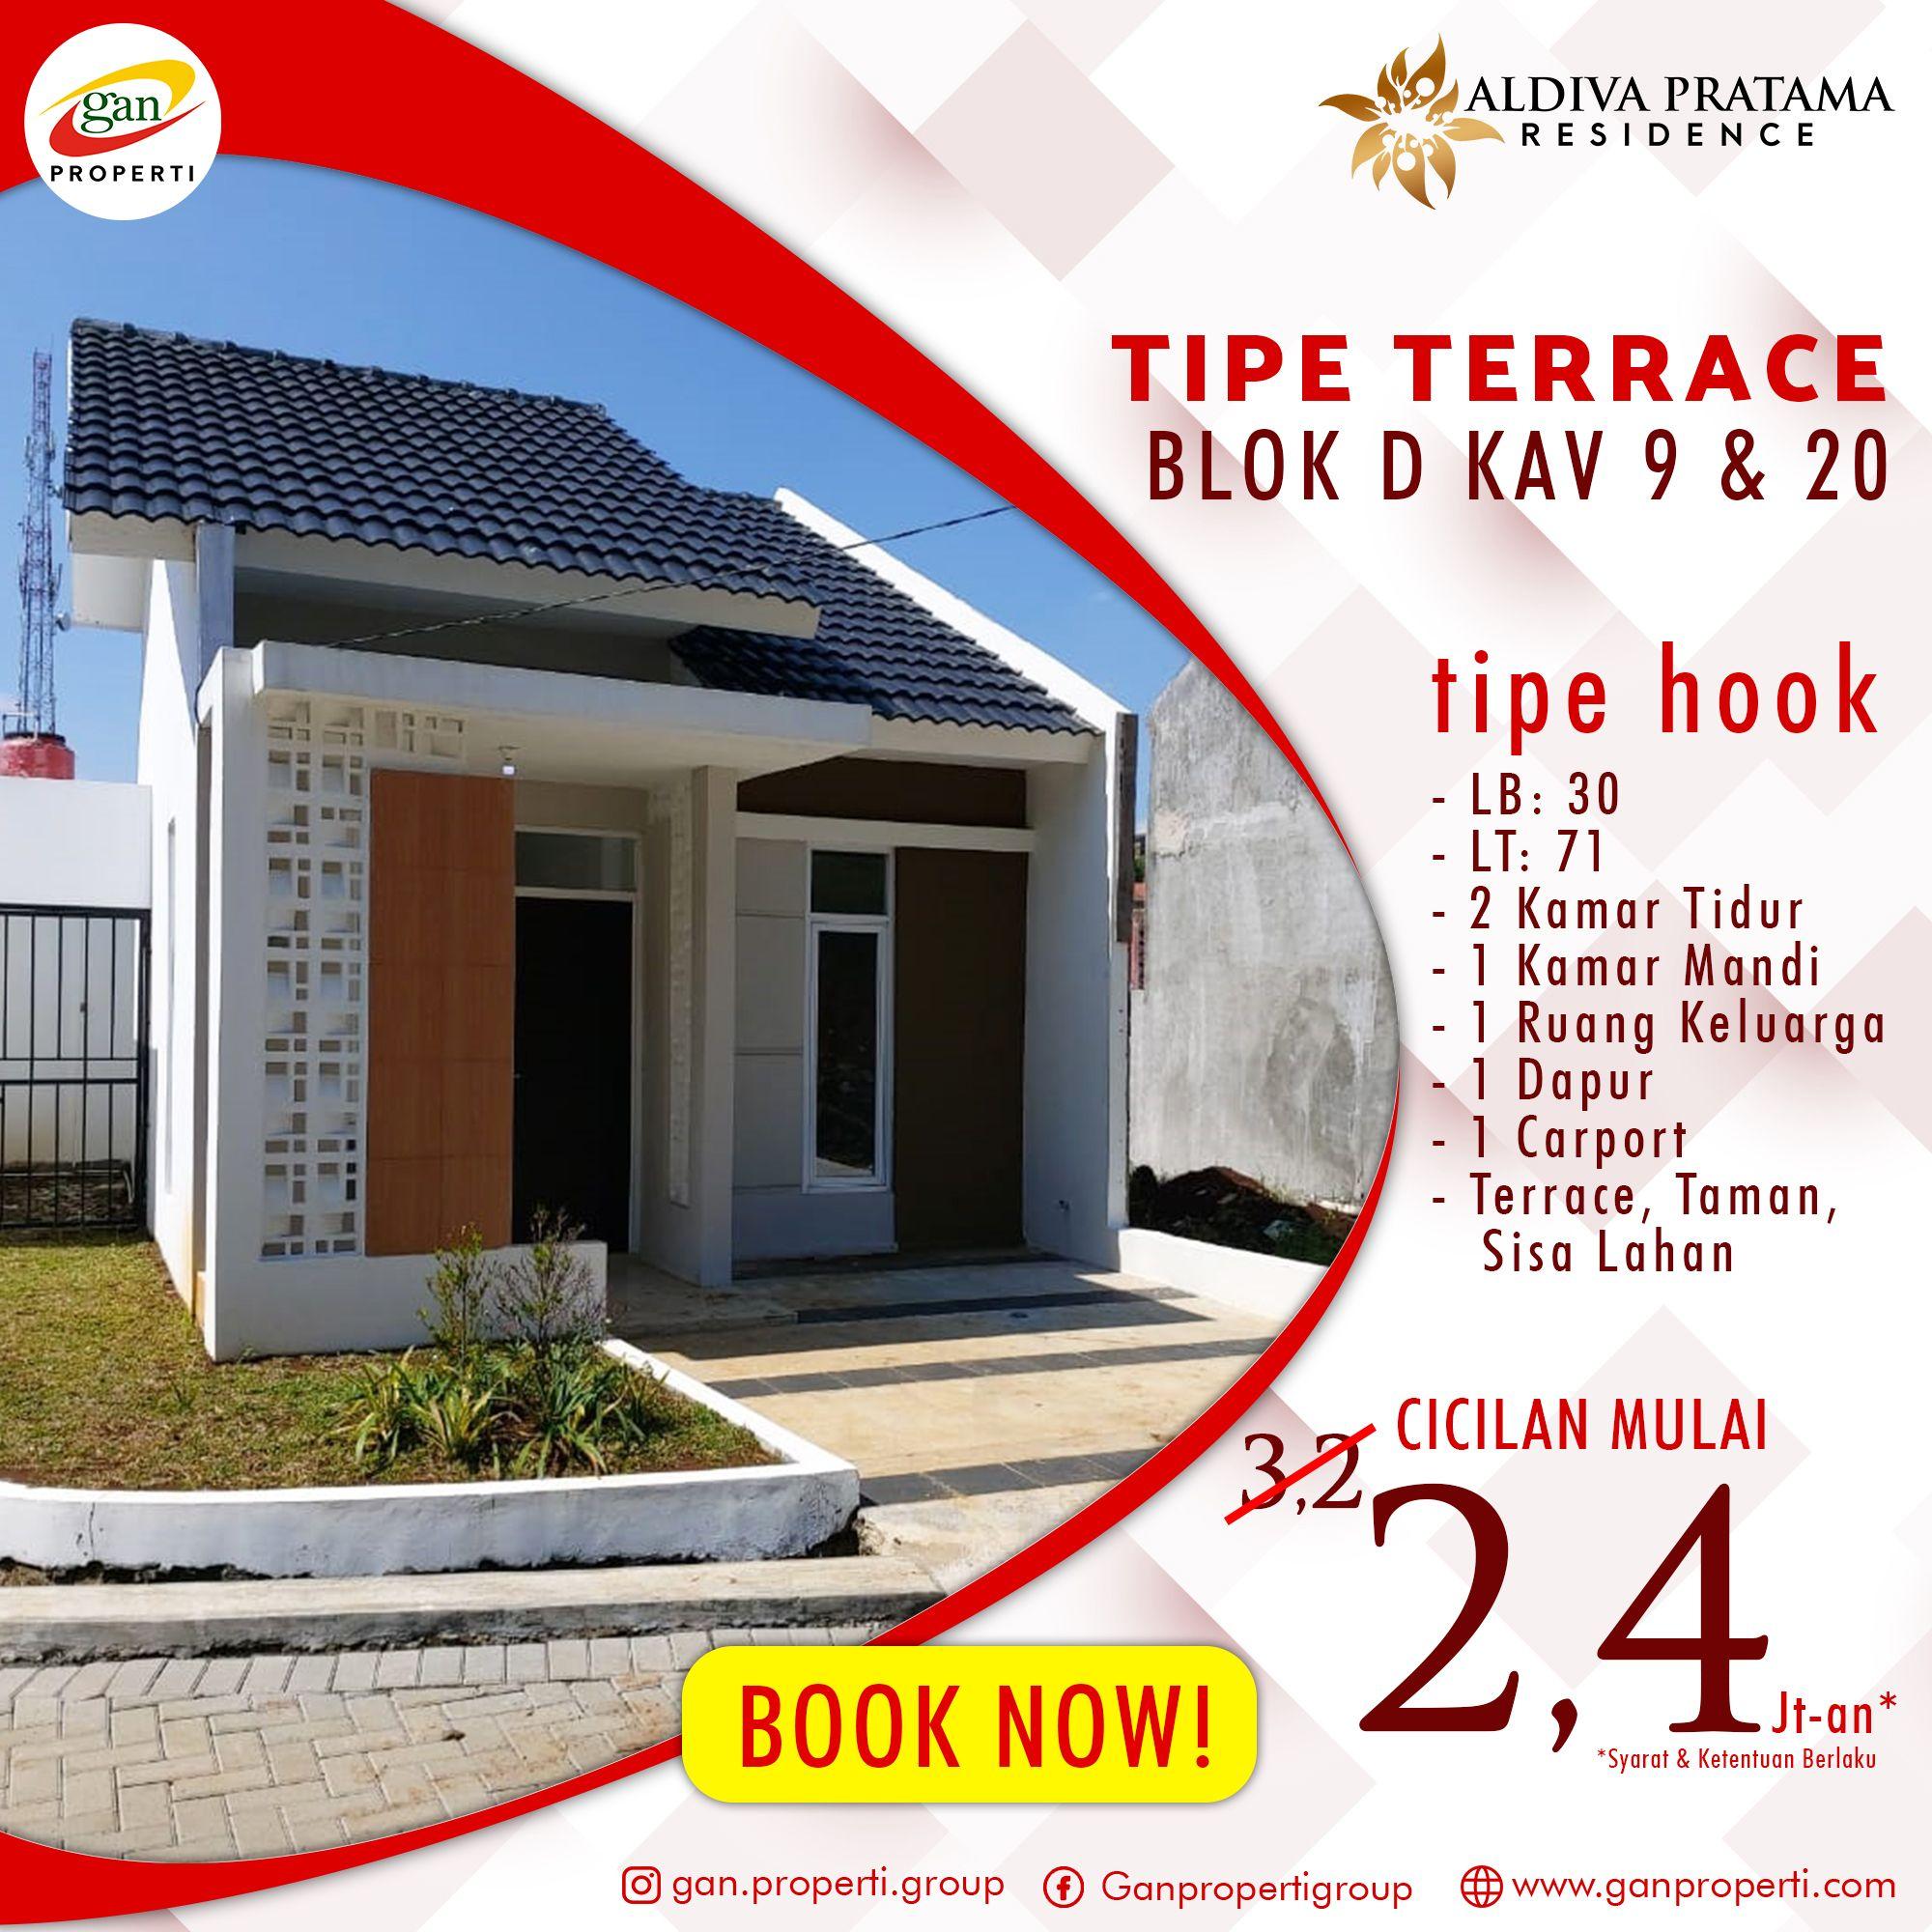 Jual Rumah Model Terrace Hook Di Bandung Padalarang Batujajar Ngamprah Jayamekar Harga Murah Rumah Masa Depan Rumah Tempat